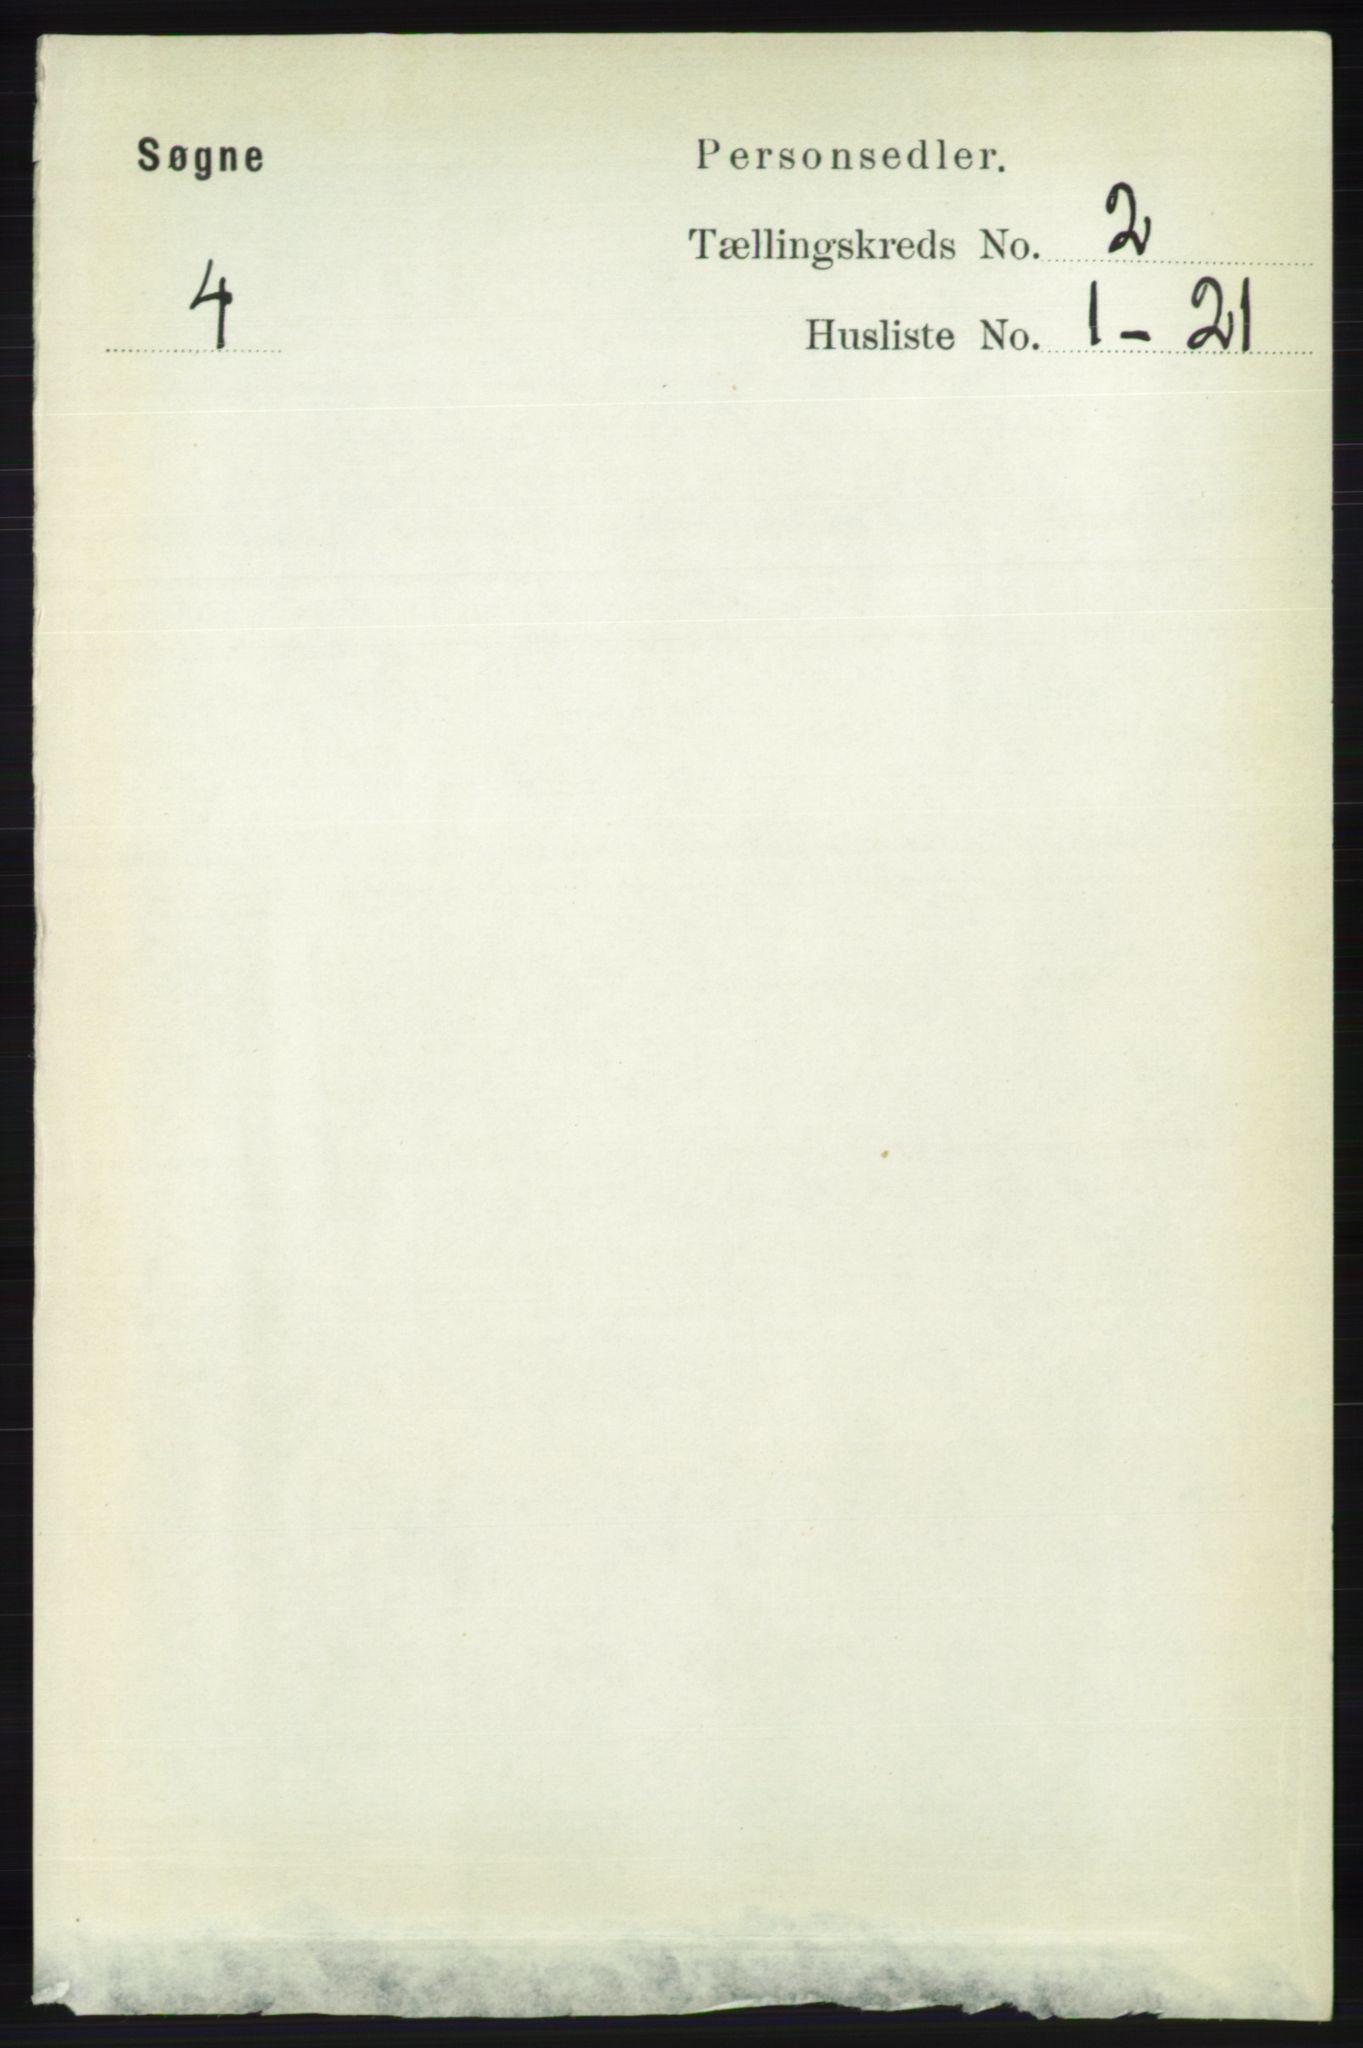 RA, Folketelling 1891 for 1018 Søgne herred, 1891, s. 157